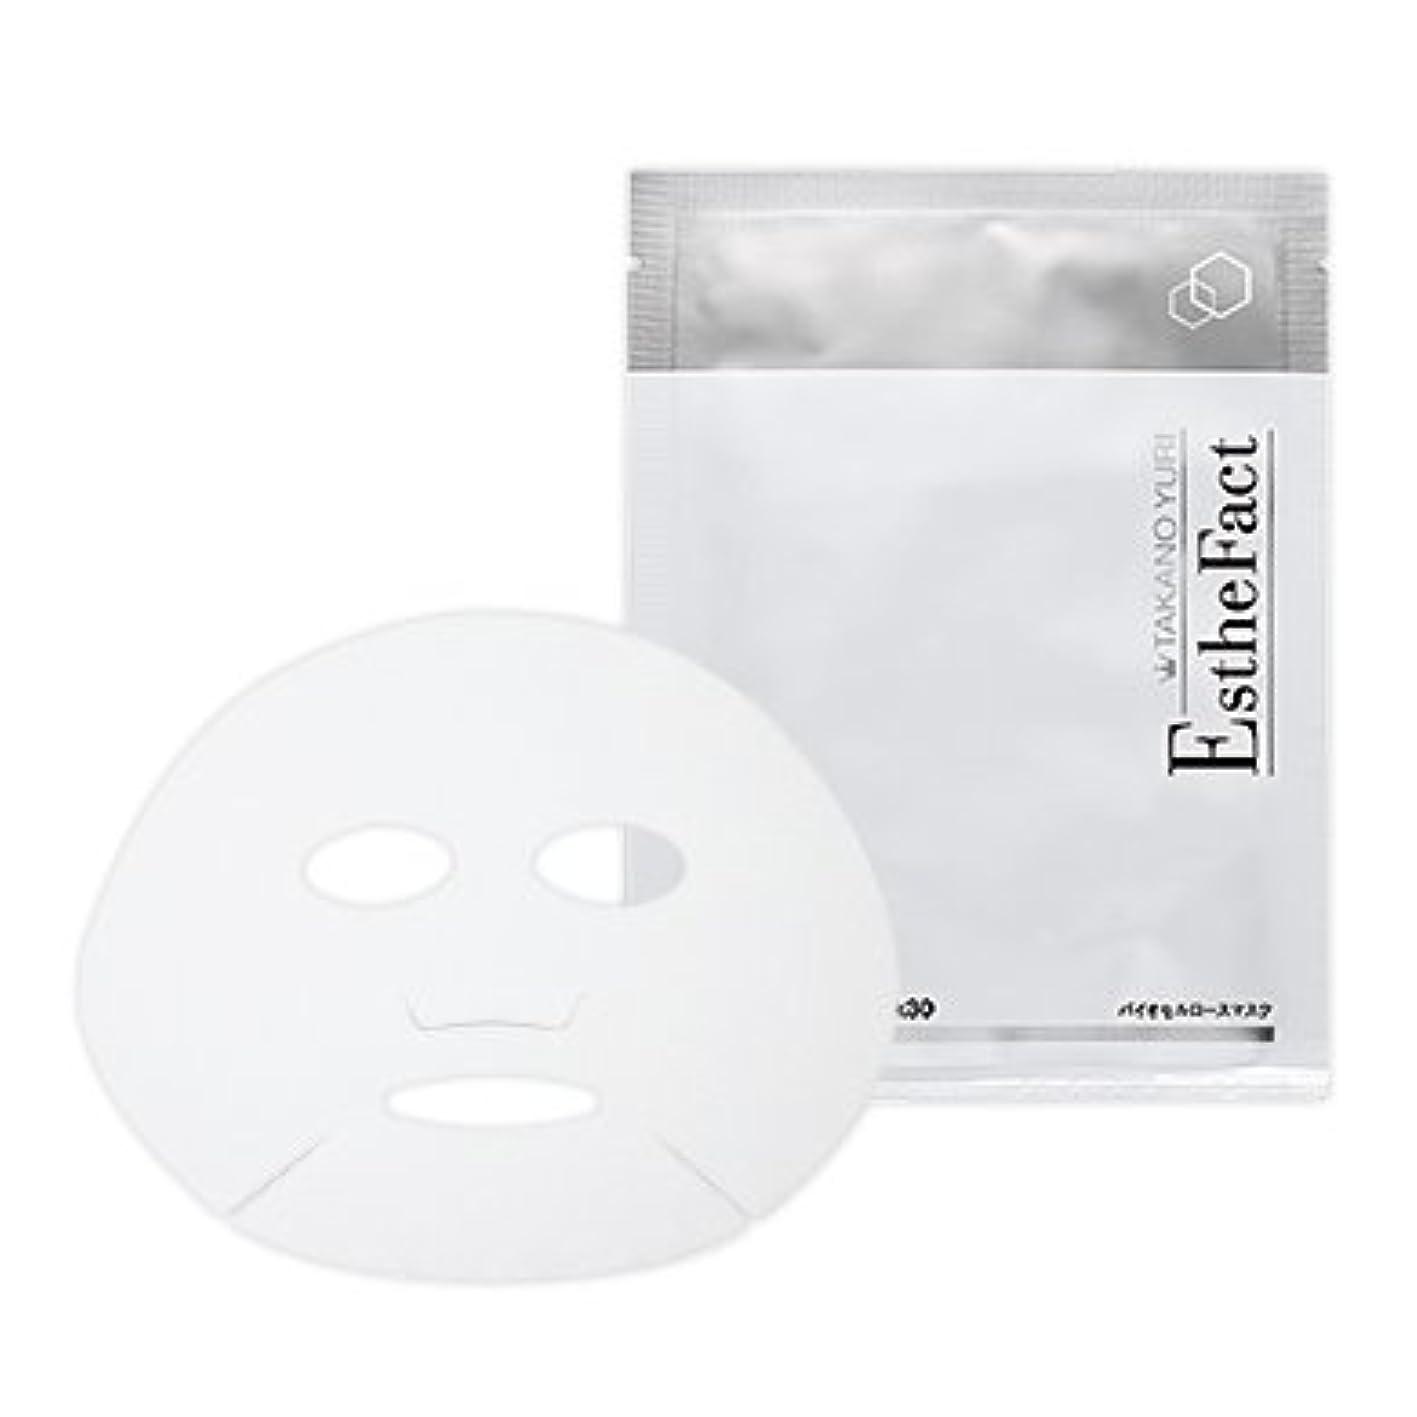 前売アジテーションサーキュレーションエステファクト バイオセルロースマスク